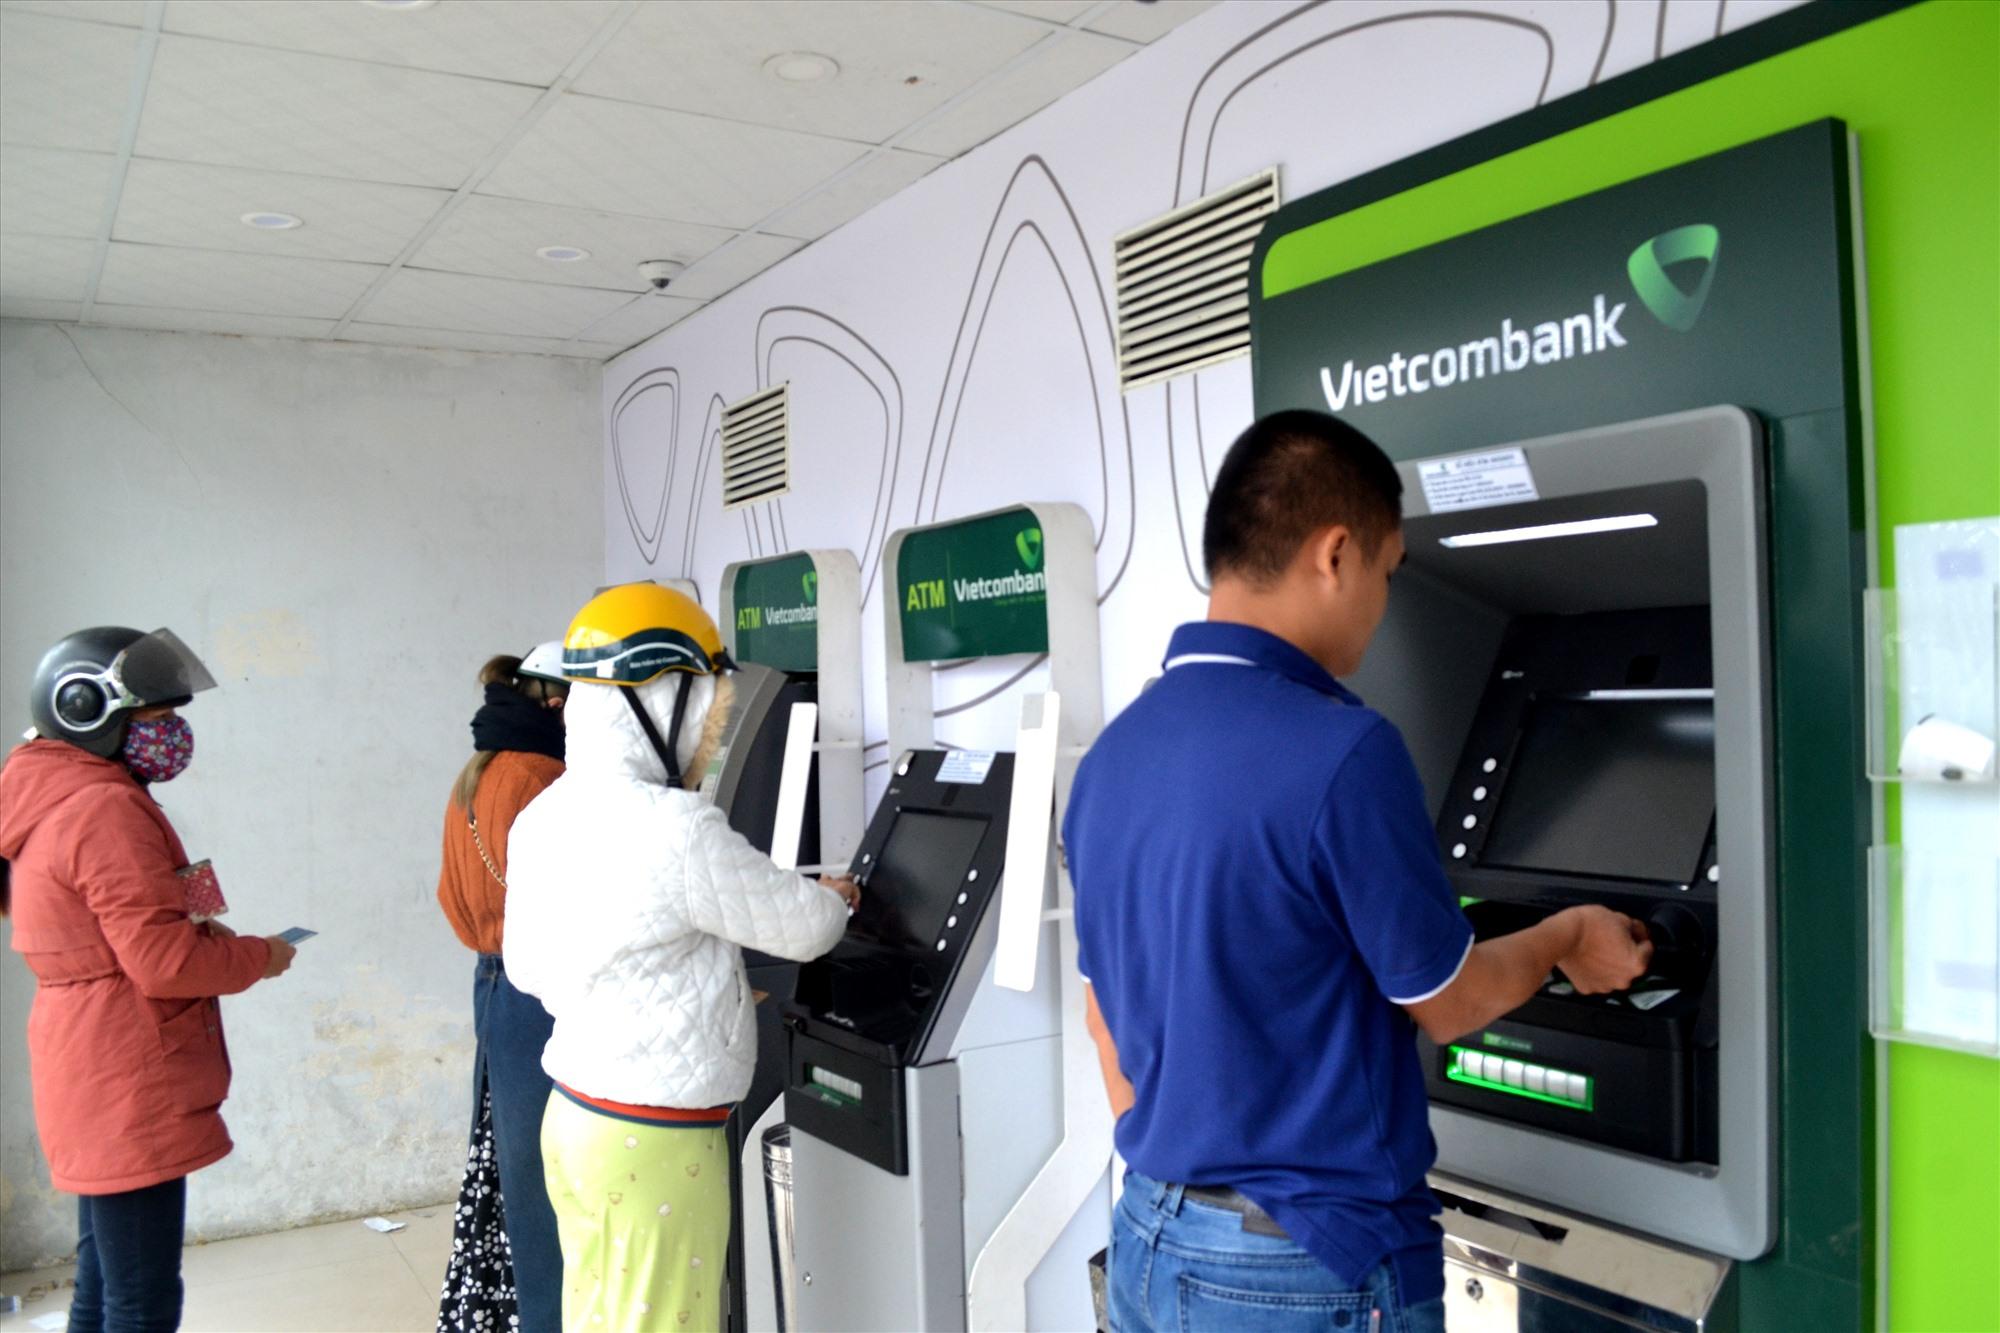 Hiện nay, nhu cầu rút tiền mặt ở ATM của người dân là rất cao. Ảnh: VIỆT NGUYỄN